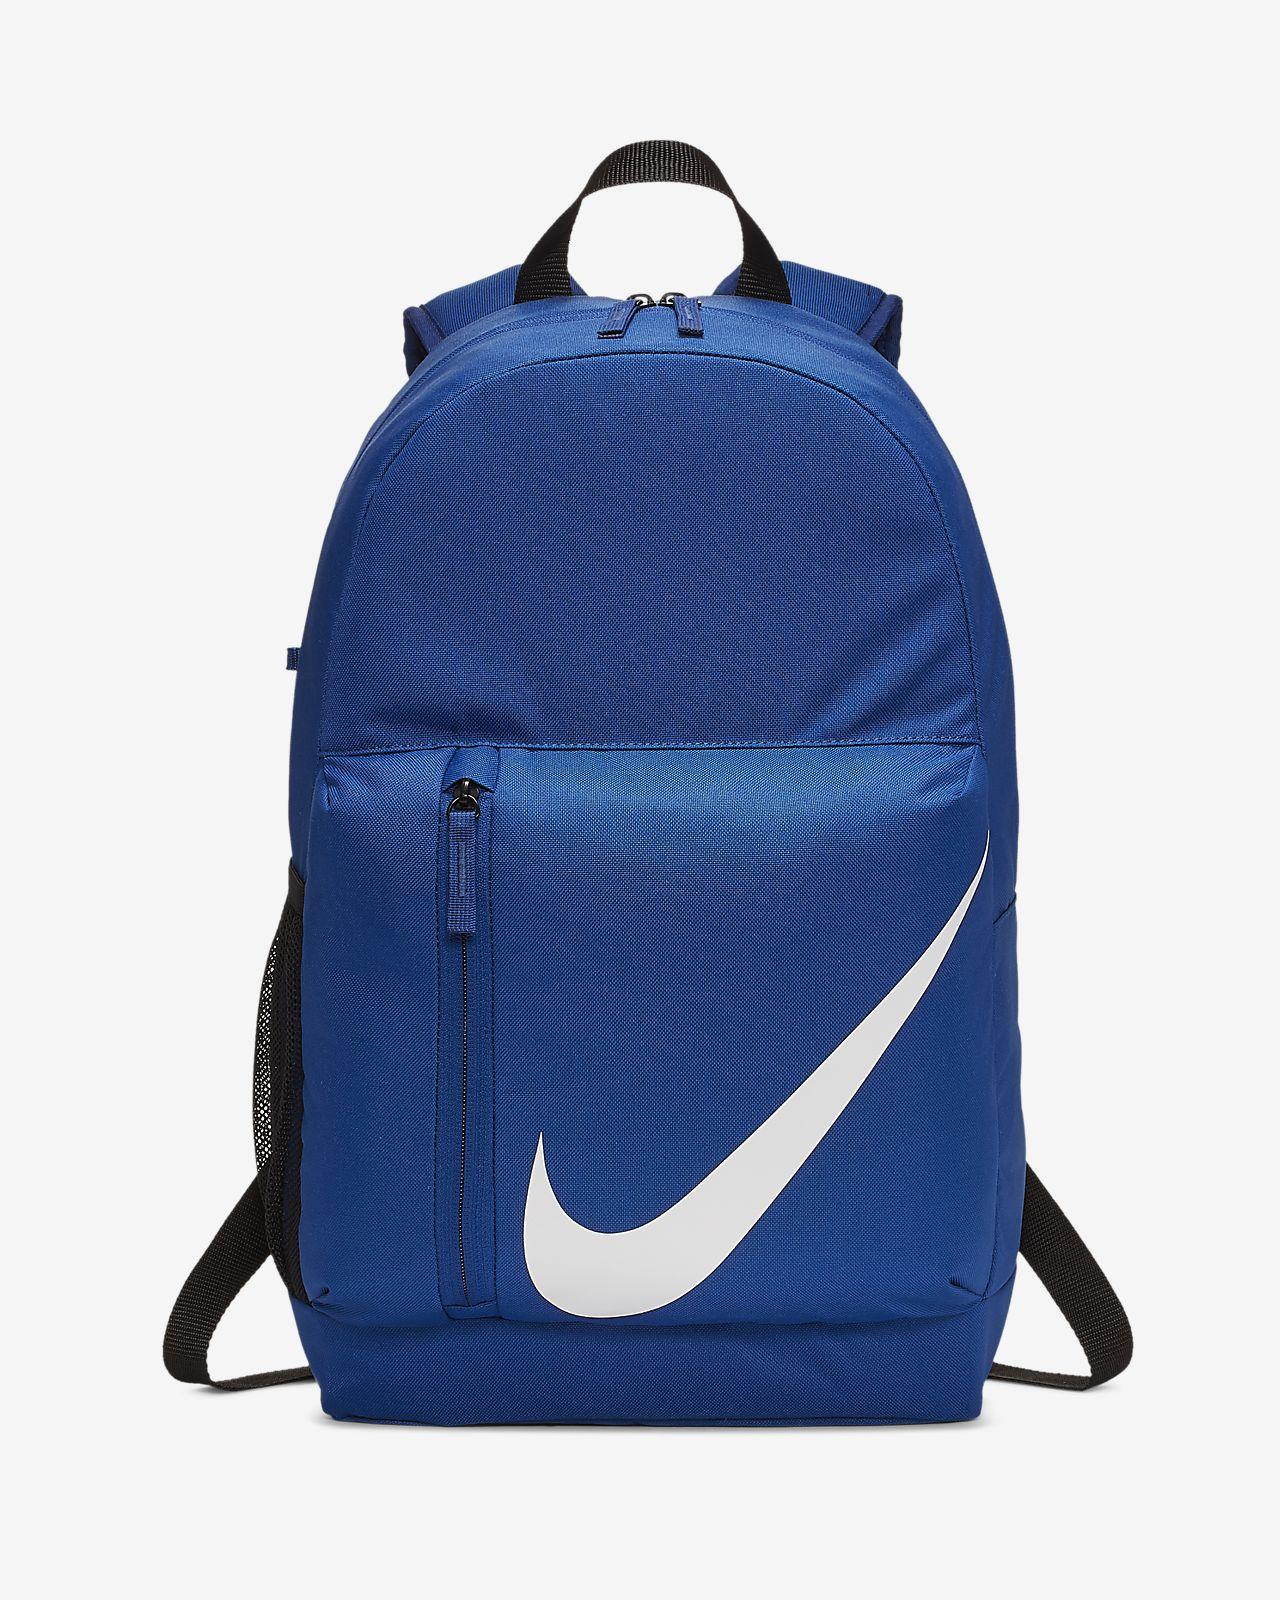 6408ca29e4 Nike Elemental Kids  Backpack. Nike.com CA